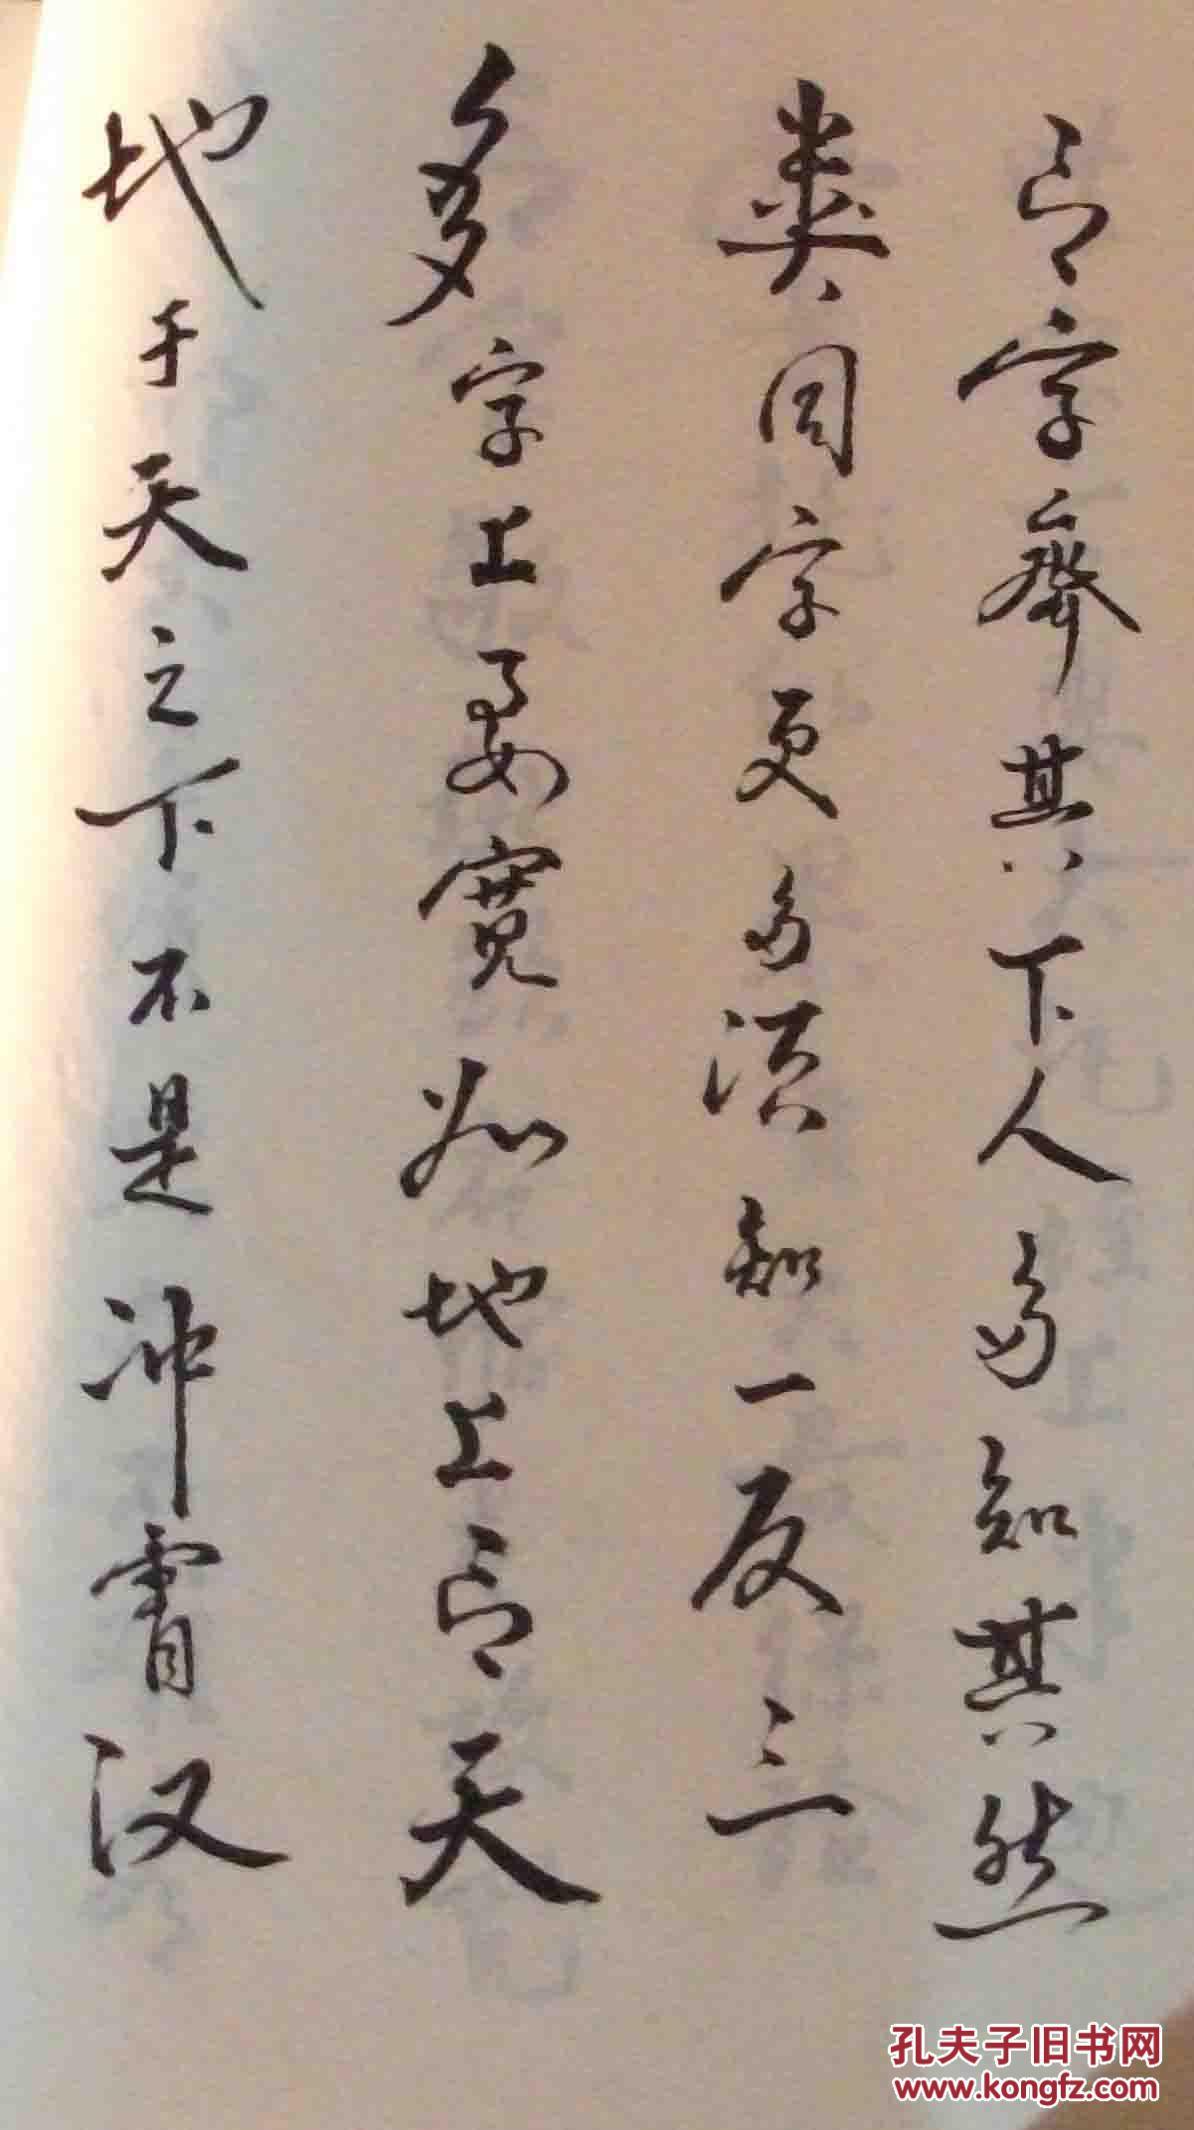 自制26个英文字母大写+小写,可以打印下来描红练习